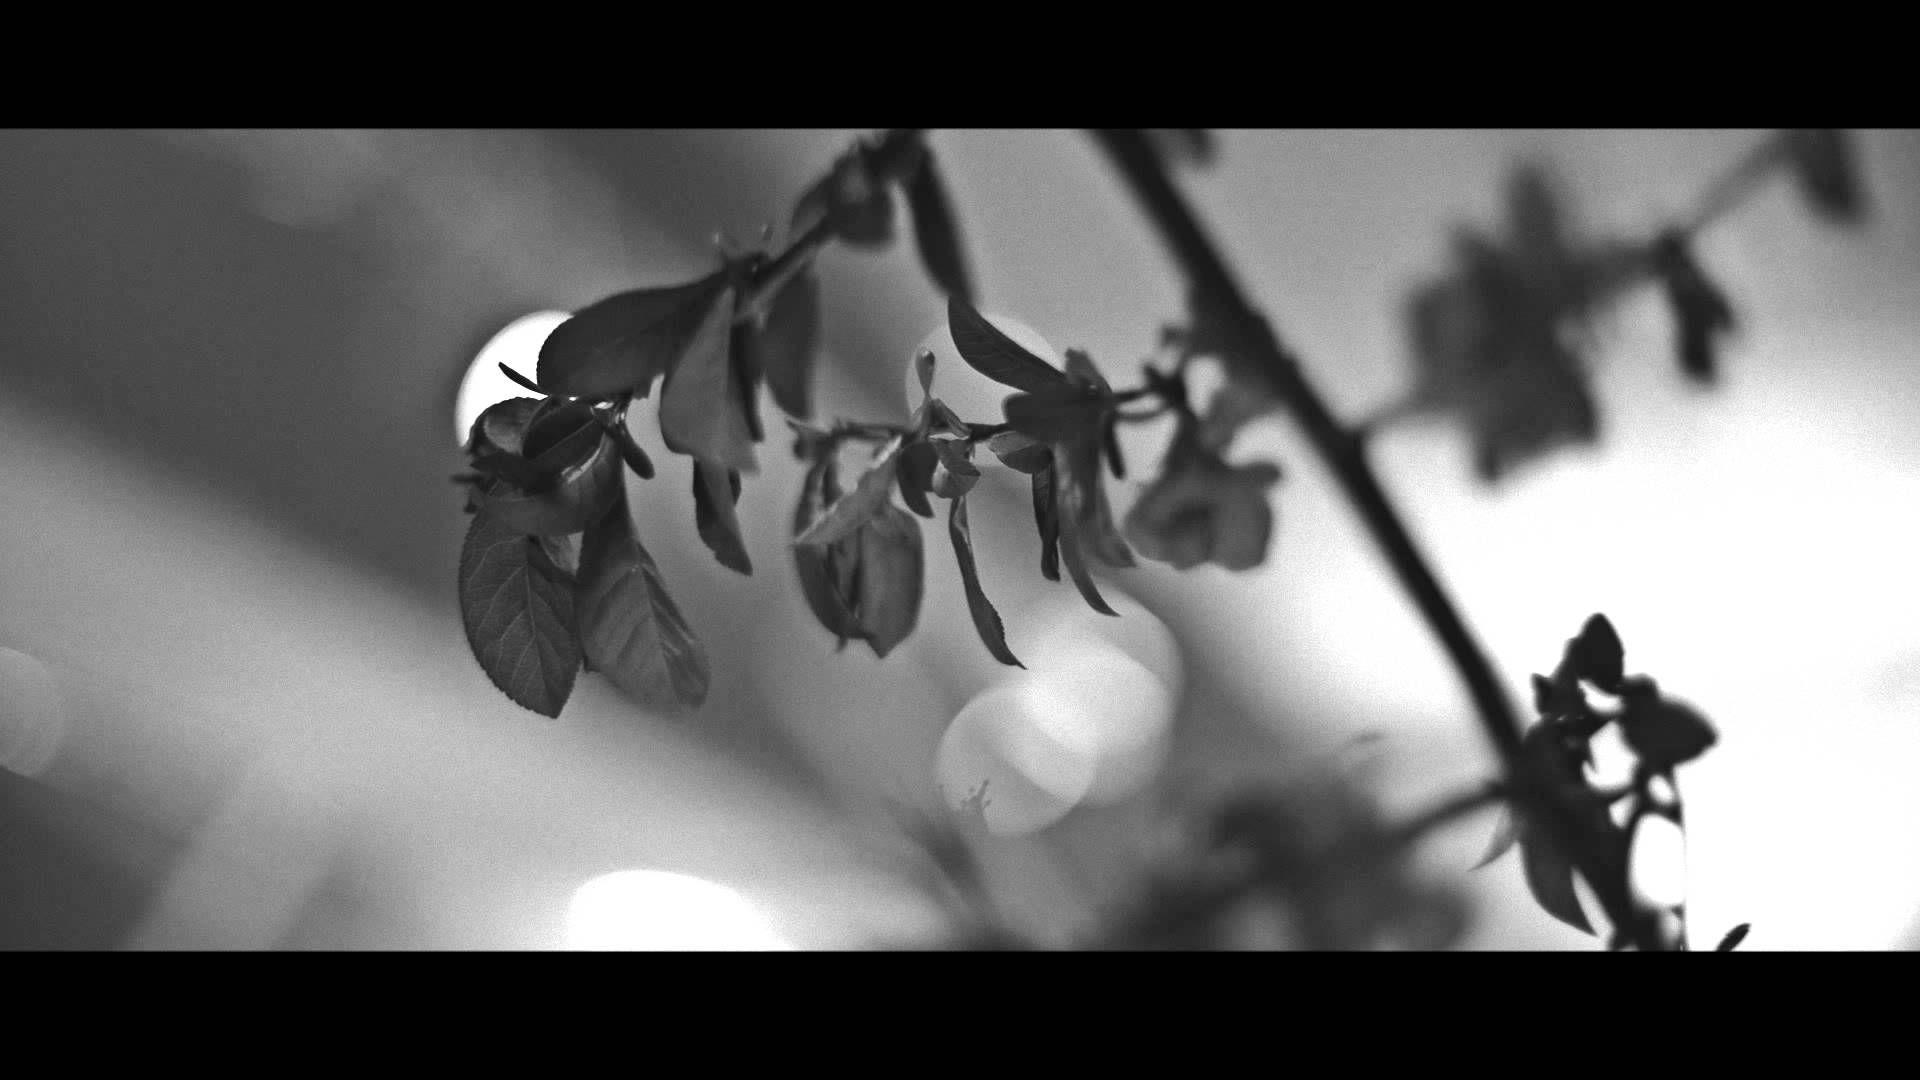 Nightingale experience video